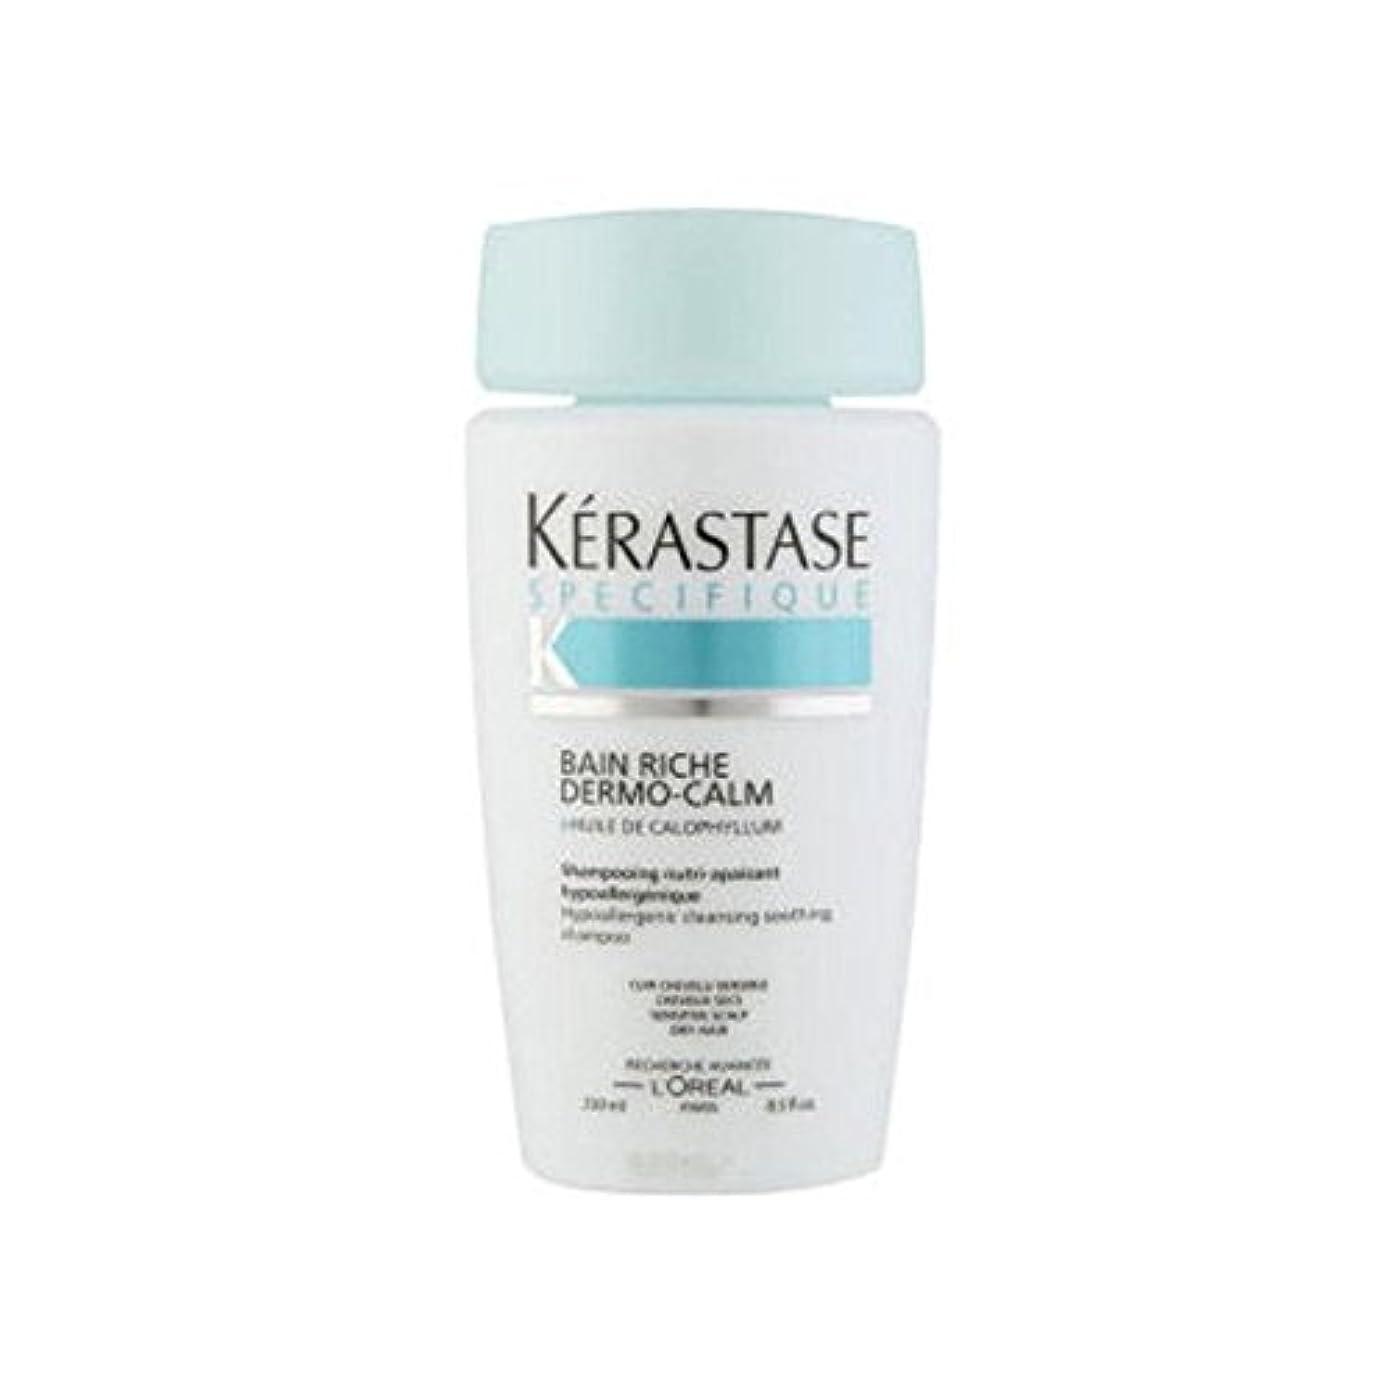 ケラスターゼスペシフィック皮膚 - 穏やかベインリッシュ(250ミリリットル) x2 - K?rastase Specifique Dermo-Calm Bain Riche (250ml) (Pack of 2) [並行輸入品]